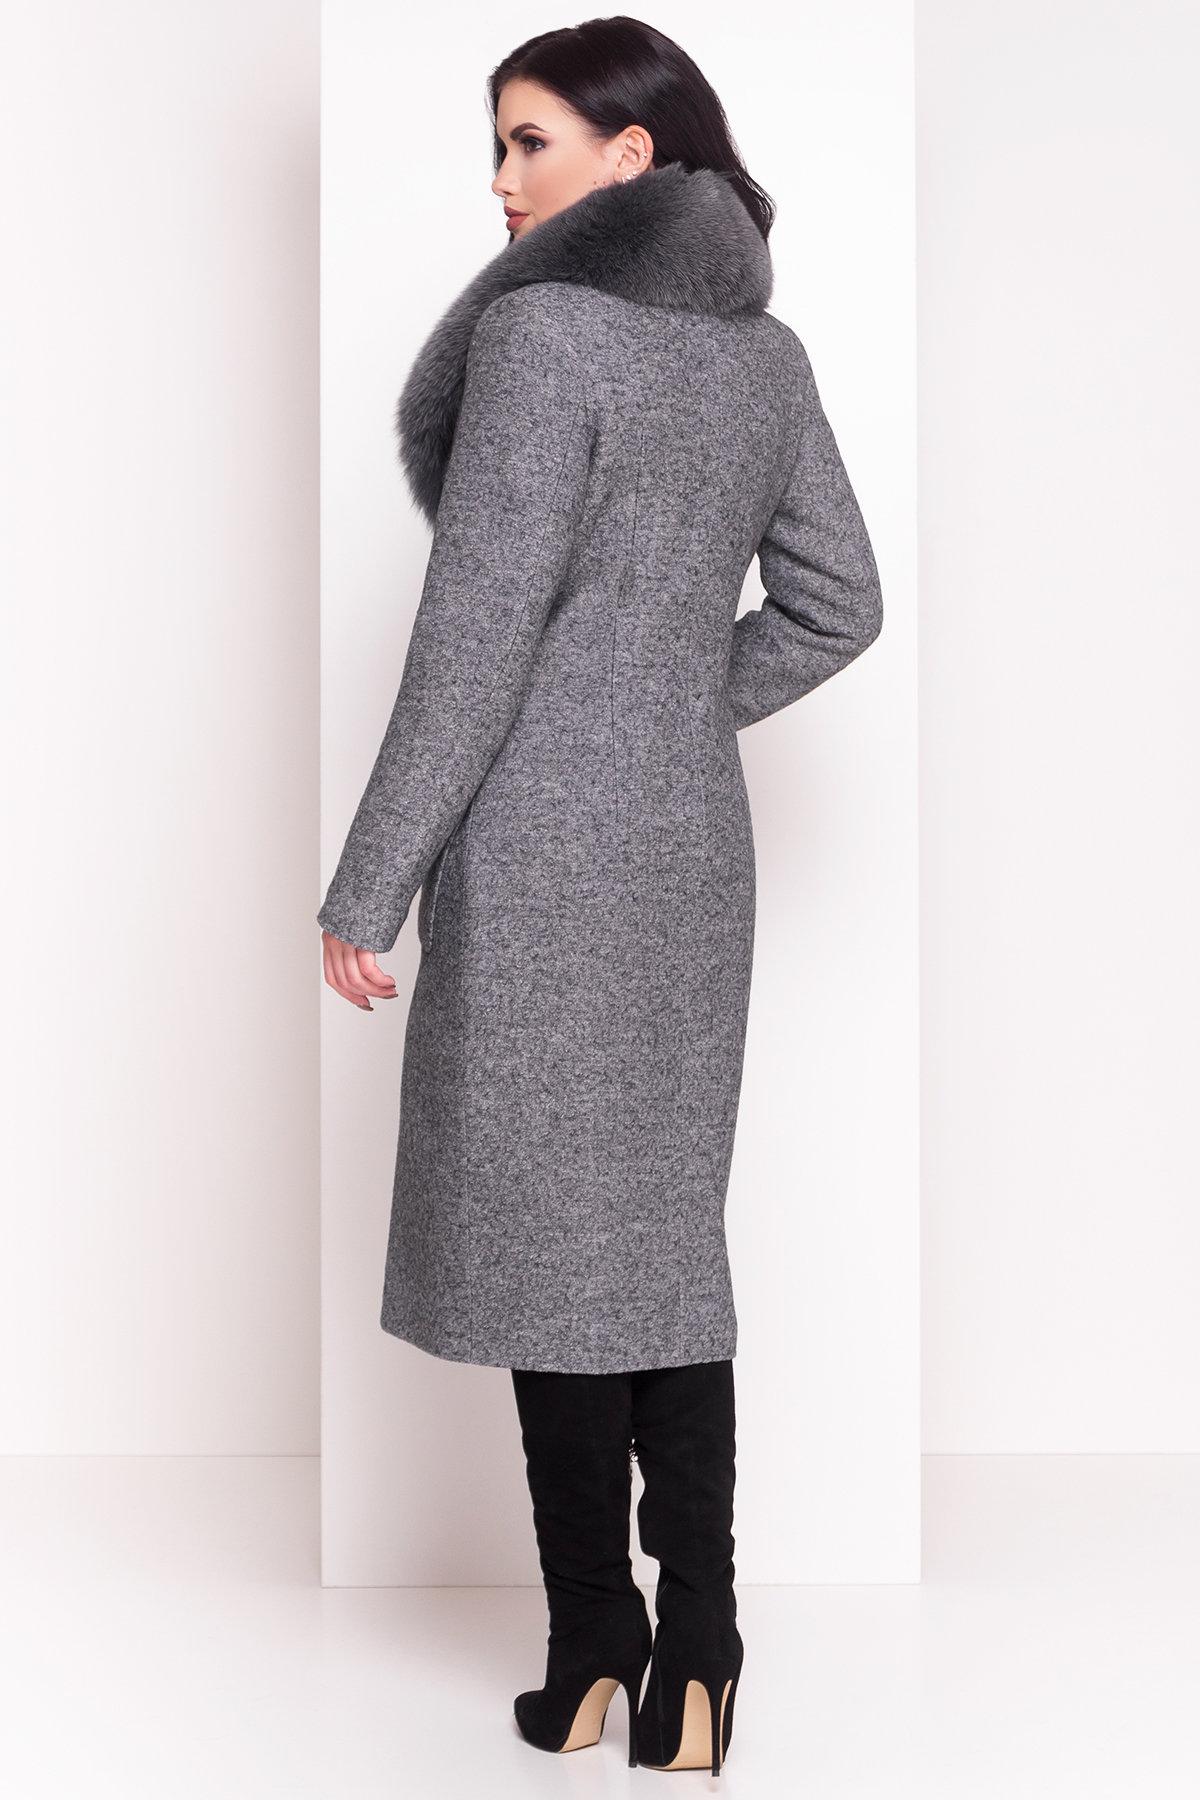 Зимнее пальто с воротником из песца Габриэлла 4150 АРТ. 20300 Цвет: Серый Темный LW-5 - фото 4, интернет магазин tm-modus.ru